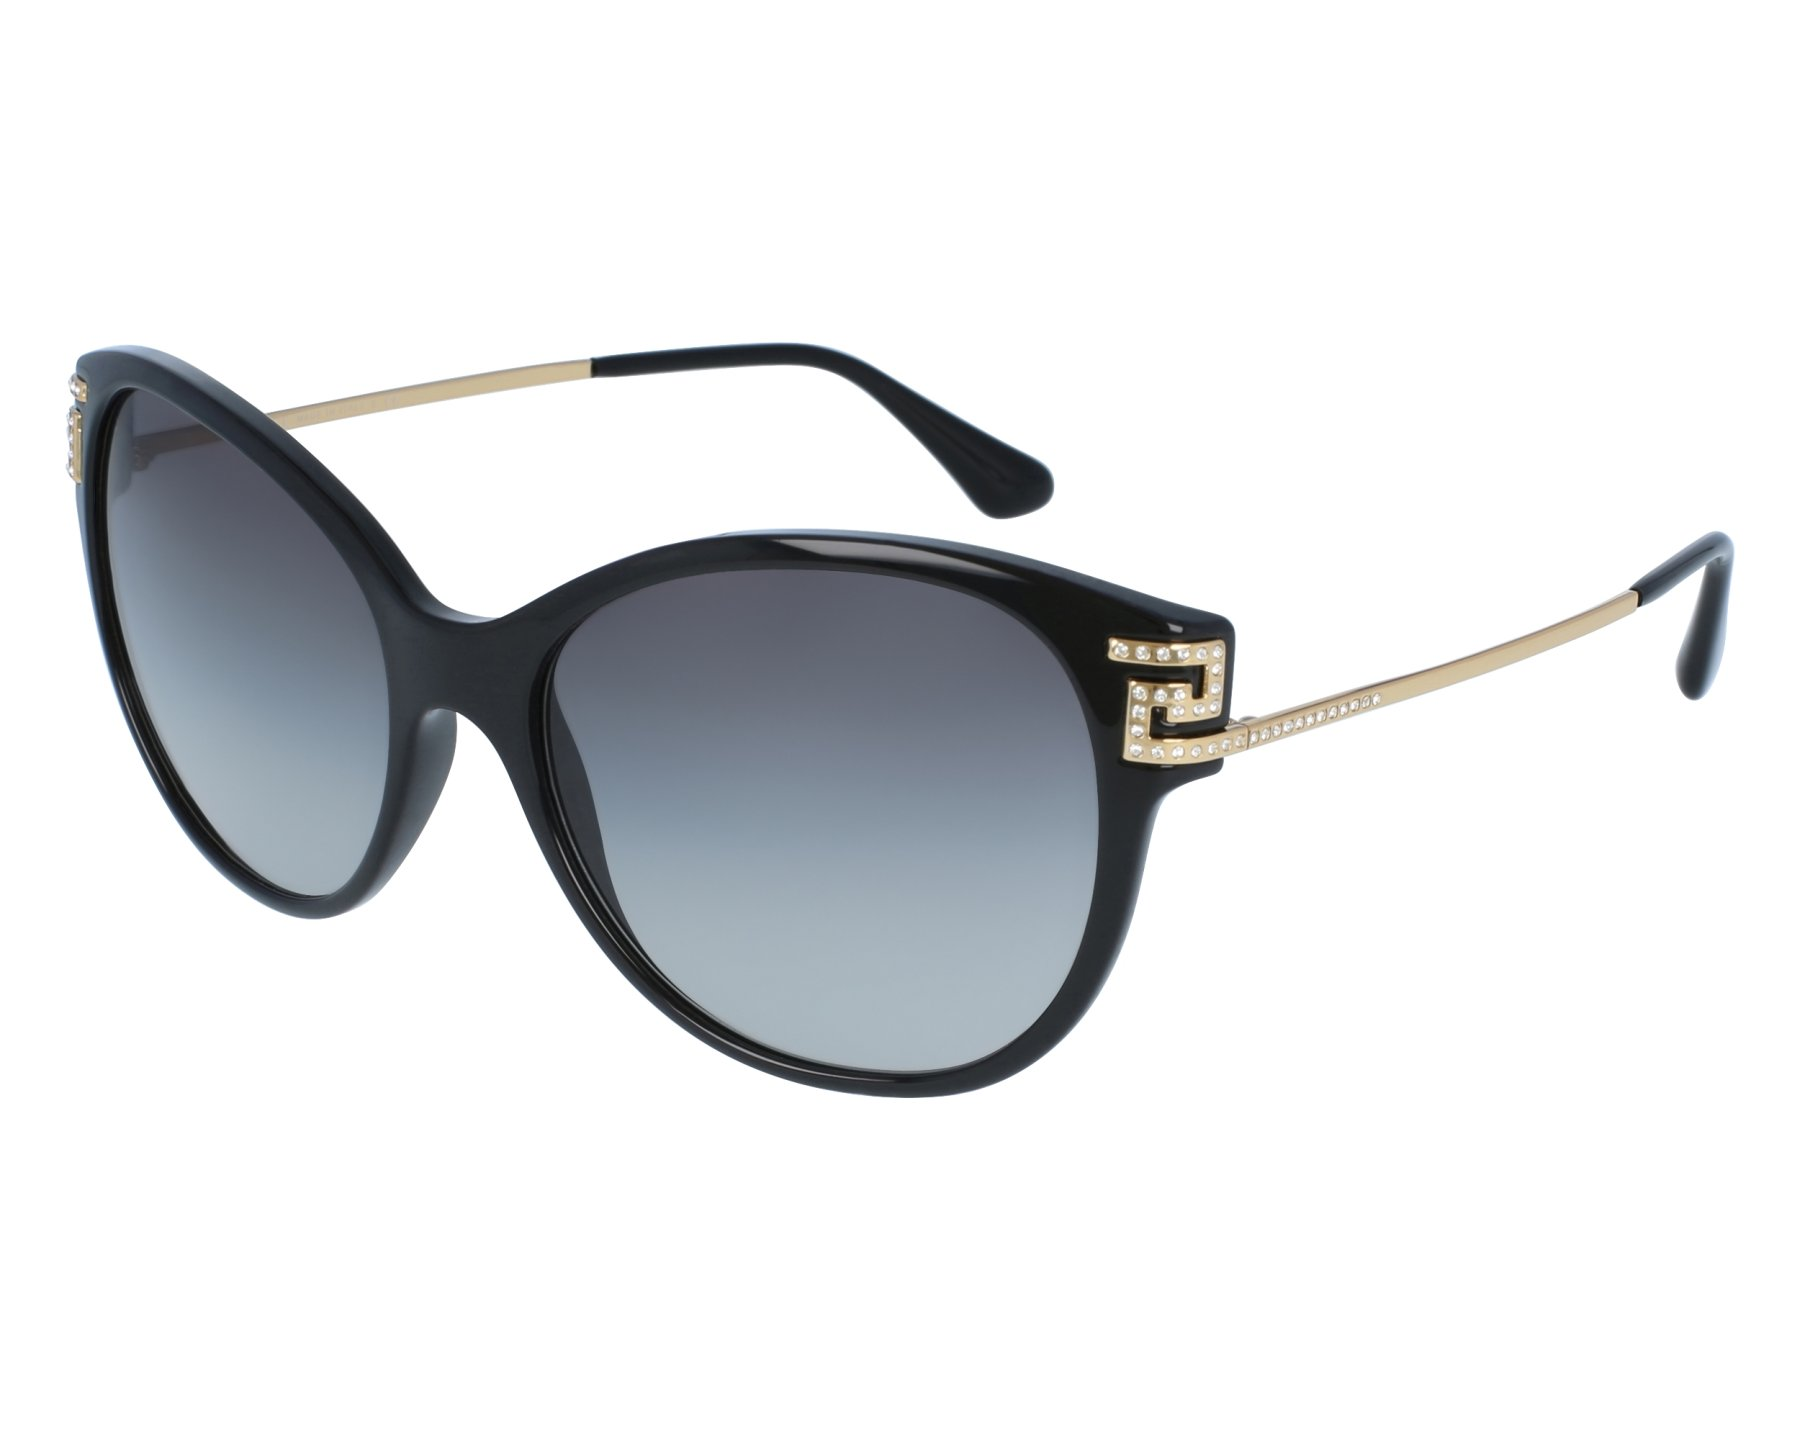 Versace VE4316B Sonnenbrille Schwarz GB1-11 57mm MYbkEO6